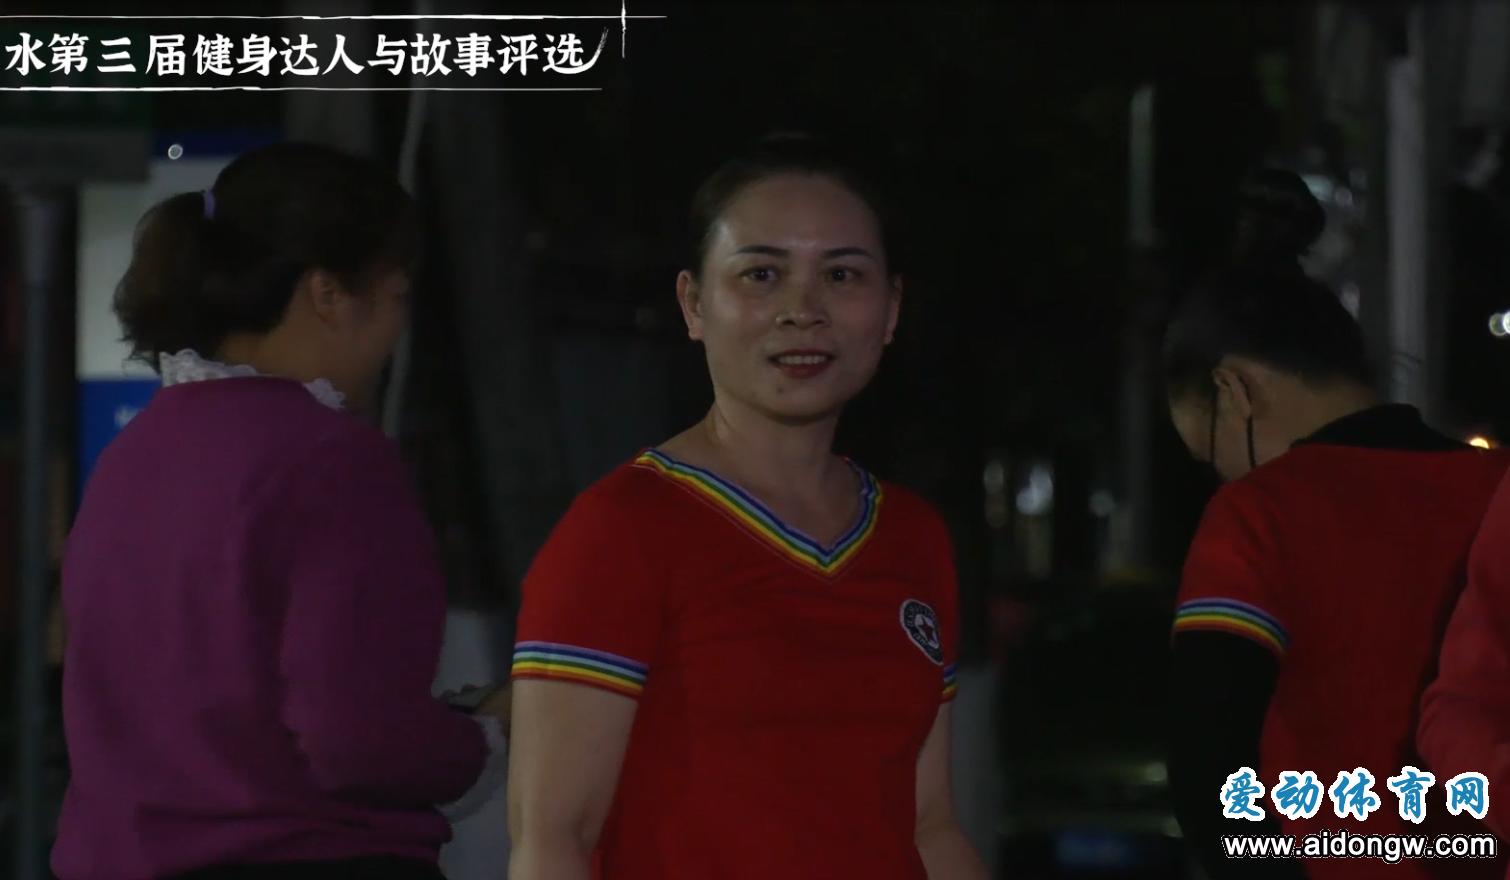 第三届陵水健身达人与故事评选——王玲